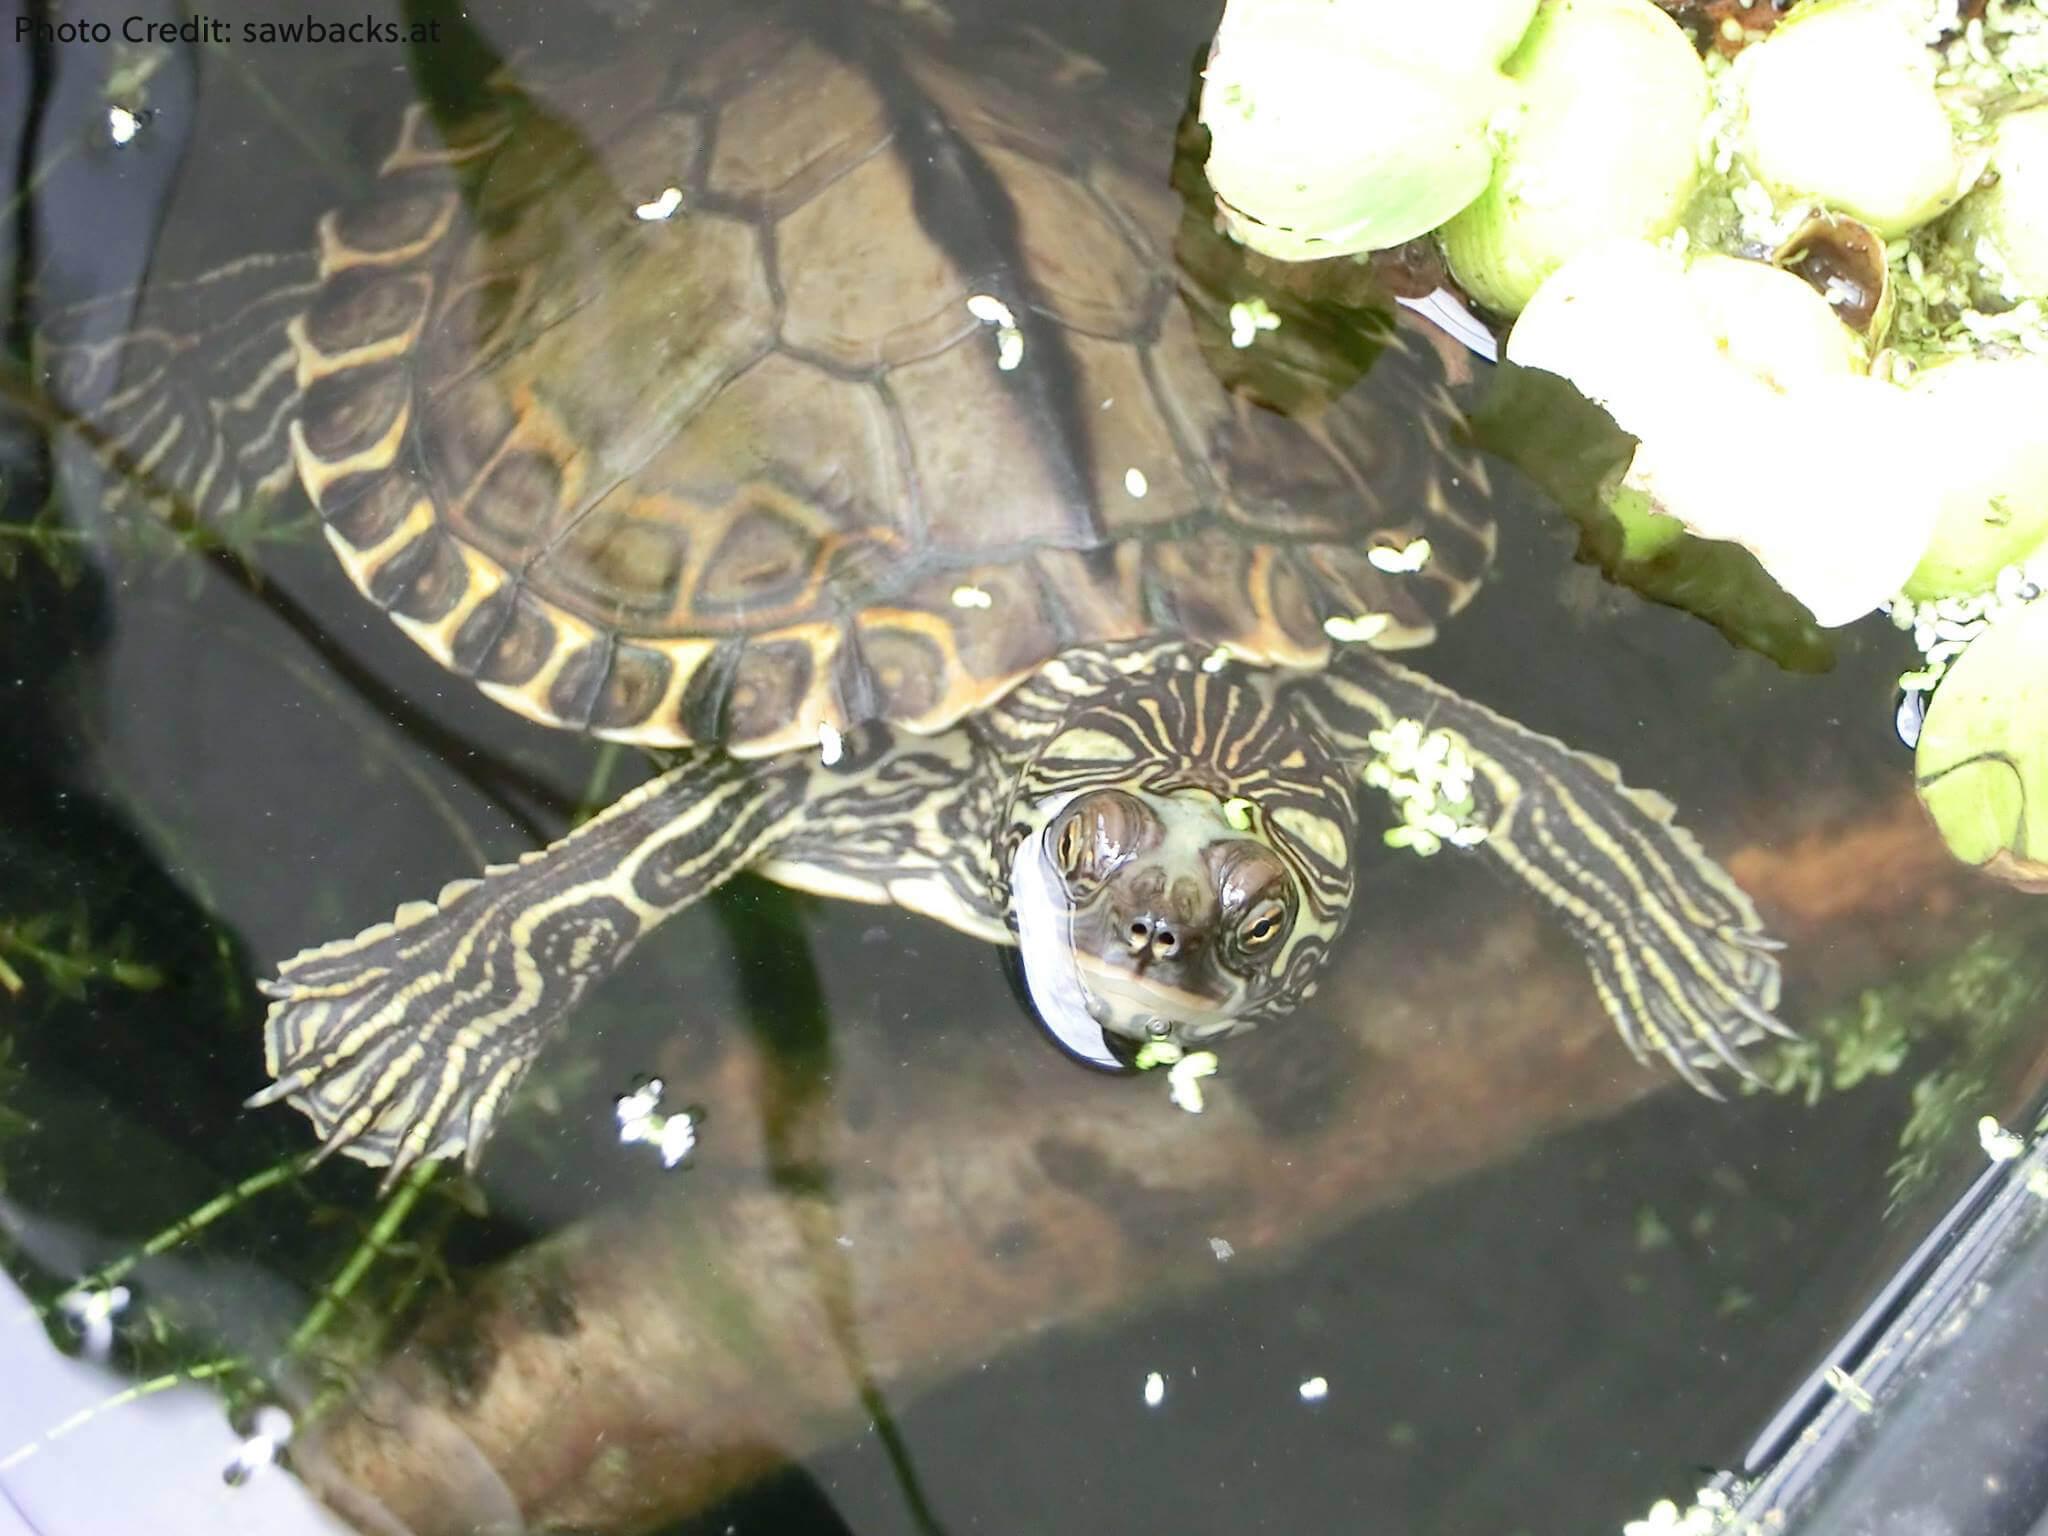 Sub-Adult Female Graptemys gibbonsi (Pascagoula Map Turtle) - Photo Credit: sawbacks.at